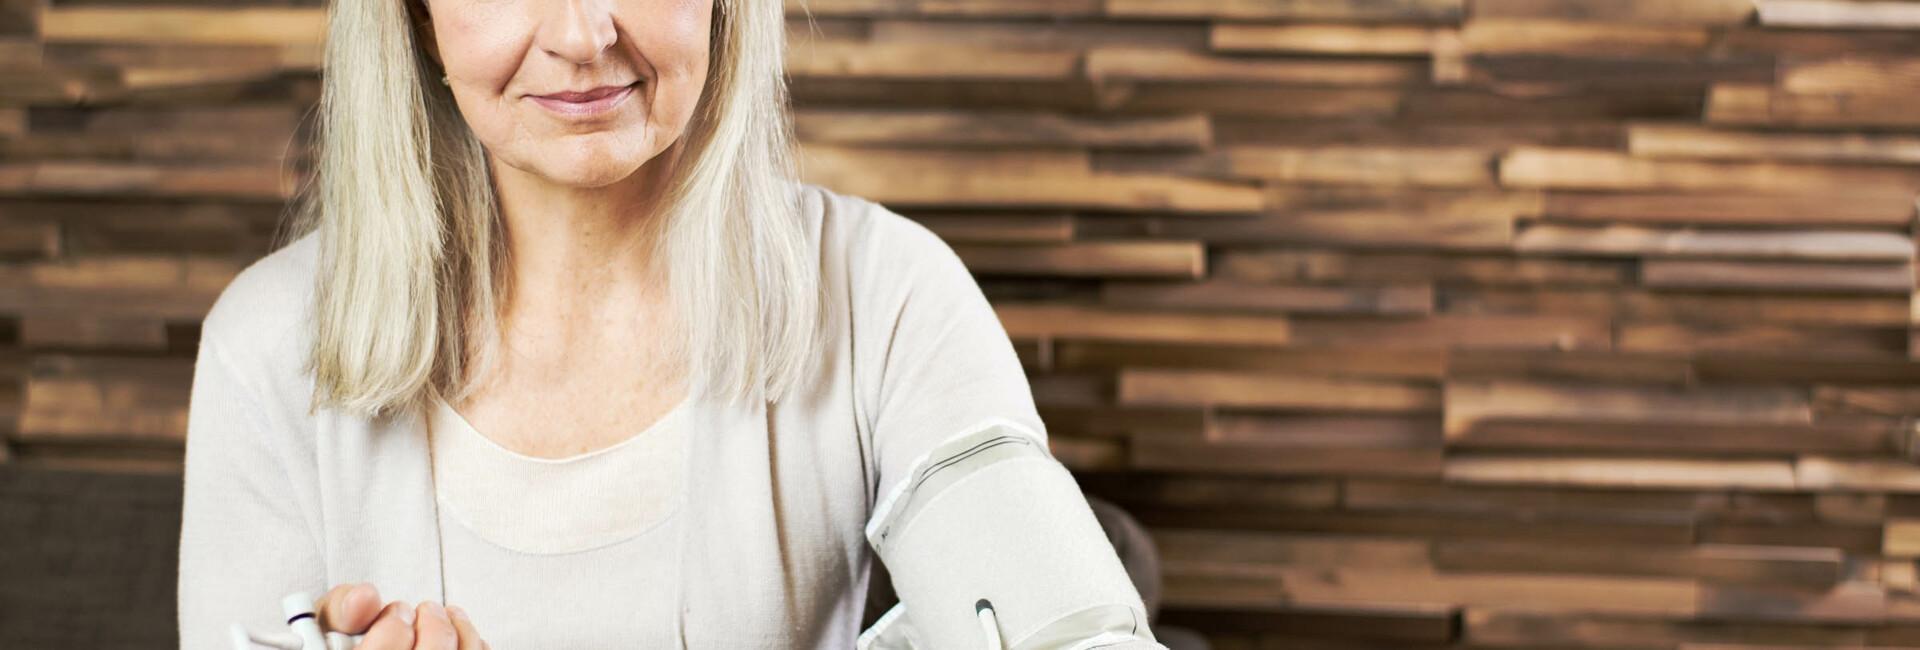 Az alacsony vérnyomás okozta kockázatok - Microlife AG